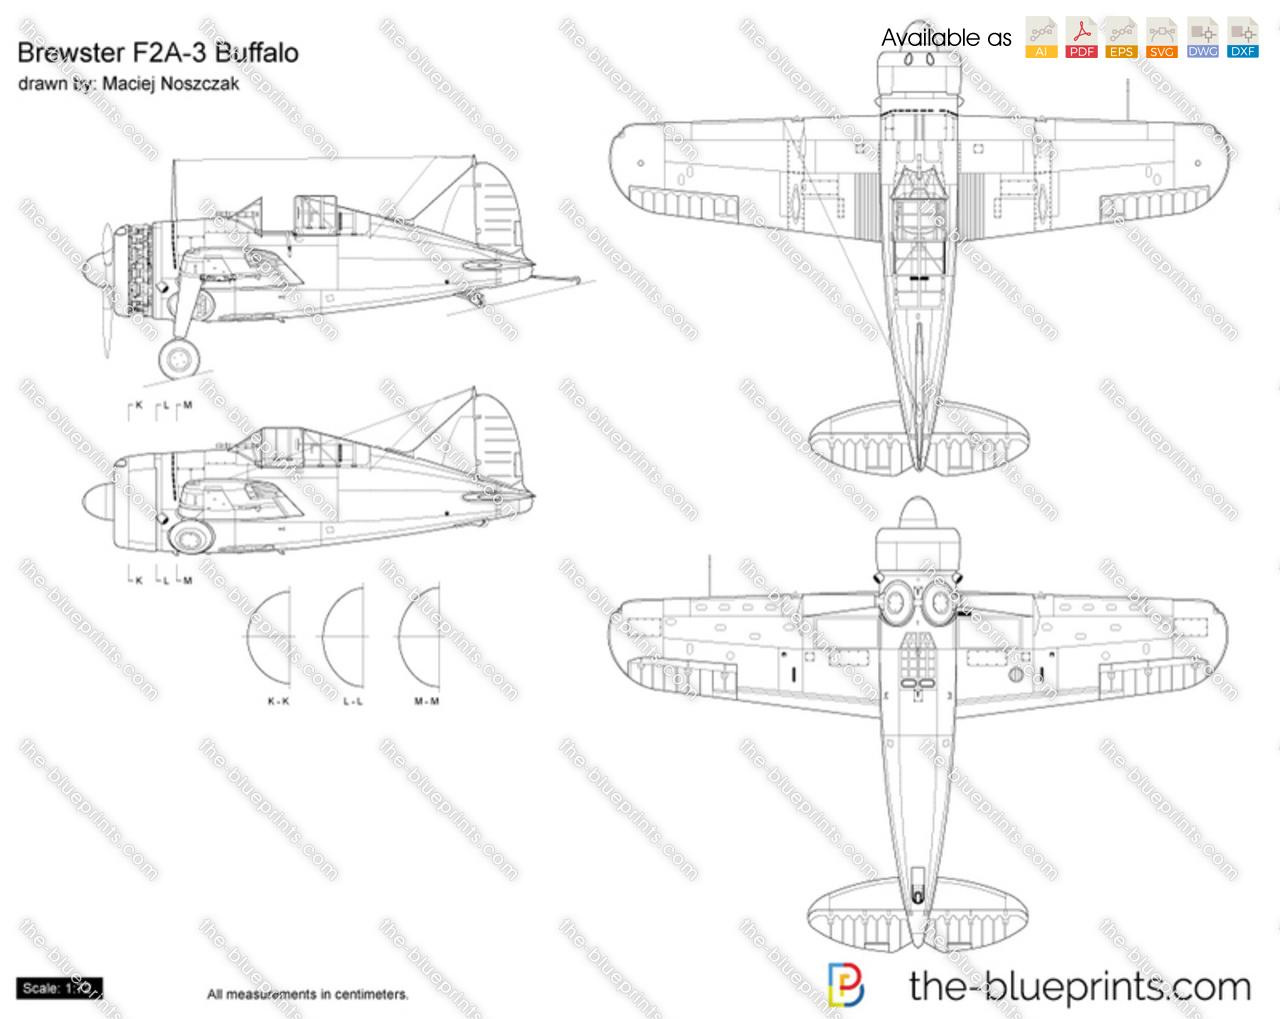 Brewster F2A-3 Buffalo